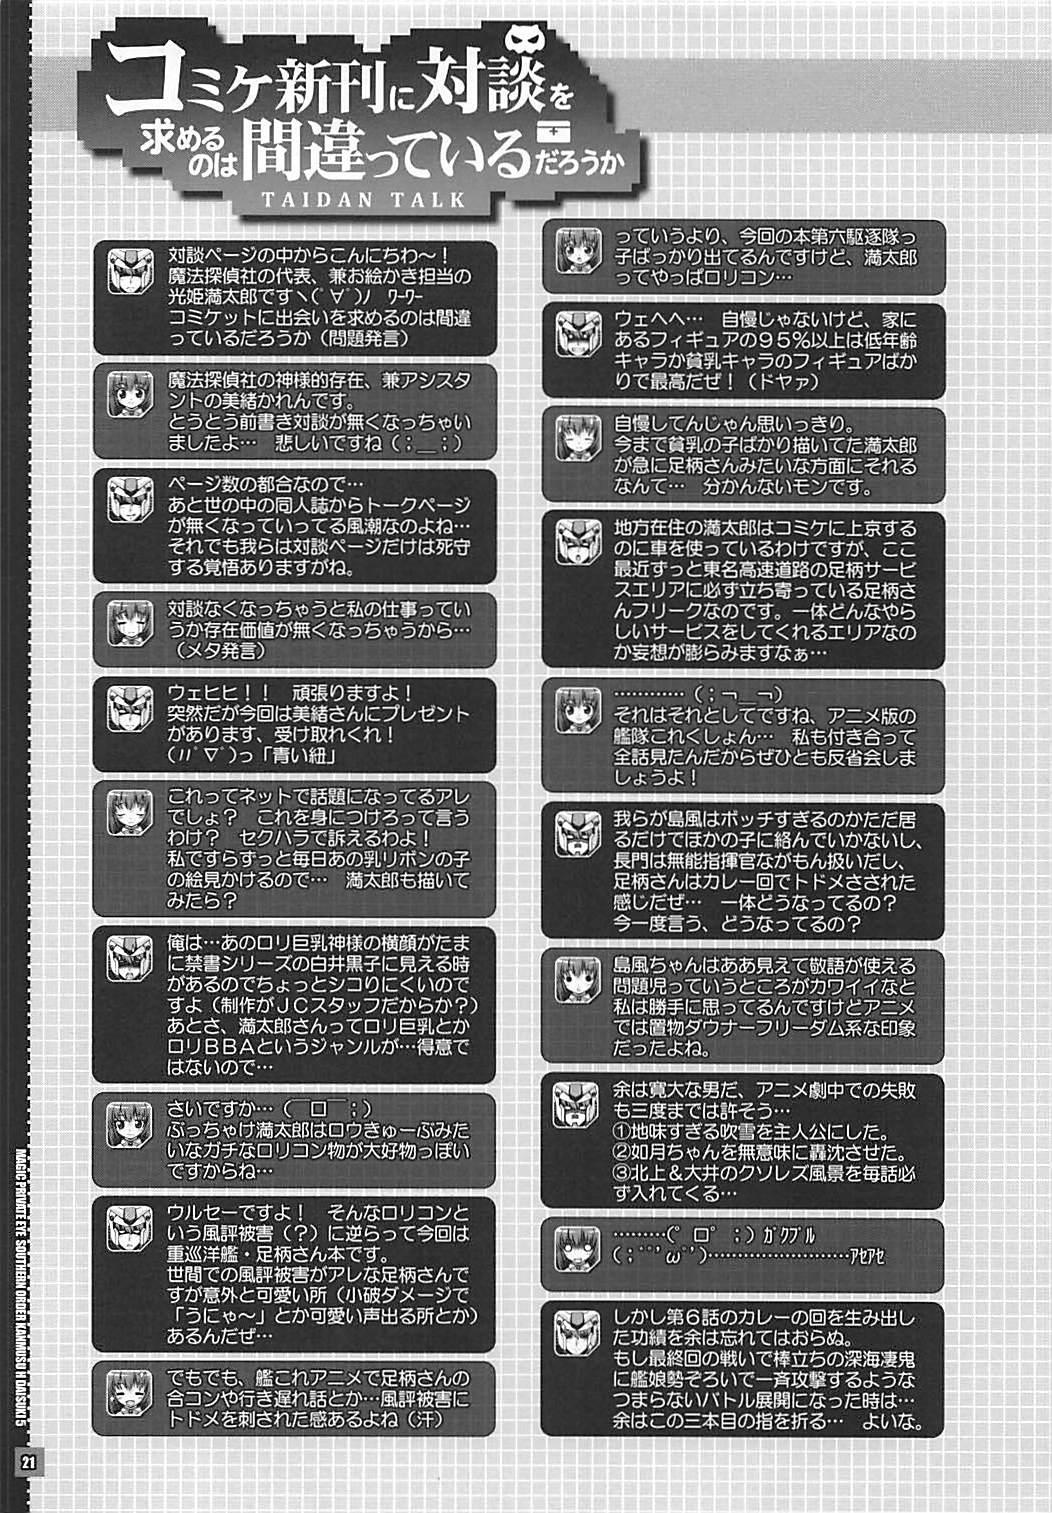 (COMIC1☆9) [Magic Private Eye (Mitsuki Mantarou)] Kanmusu wa H Daisuki 5 - Oshiete Ashigara-sensei (Kantai Collection -KanColle-) 2